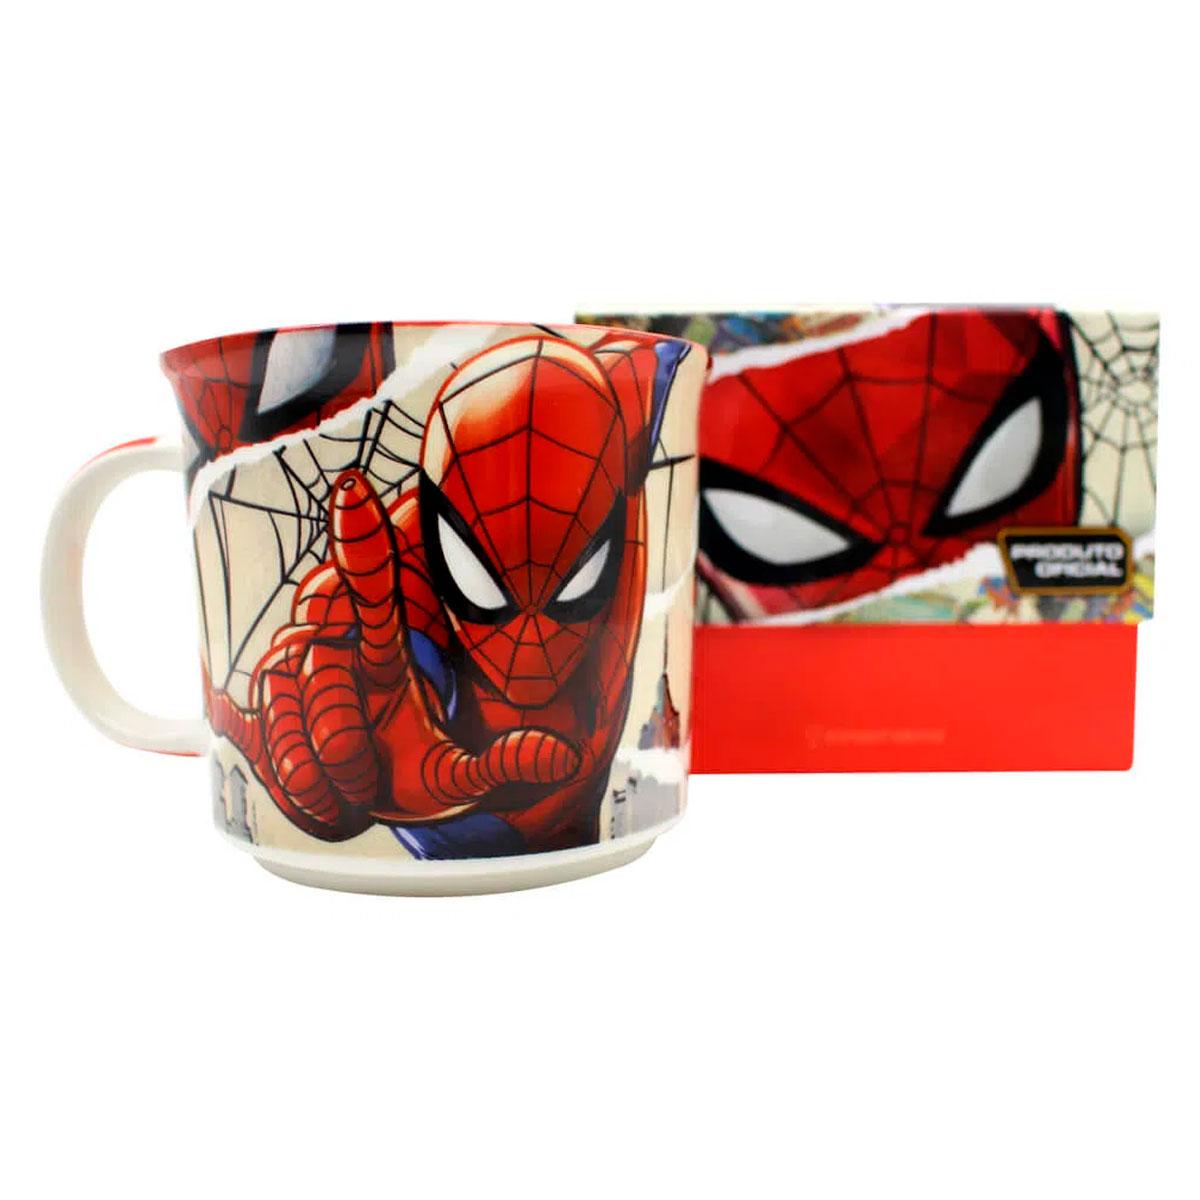 Caneca de Cerâmica Spider Man HQ Páginas 350 ml - Presente Super